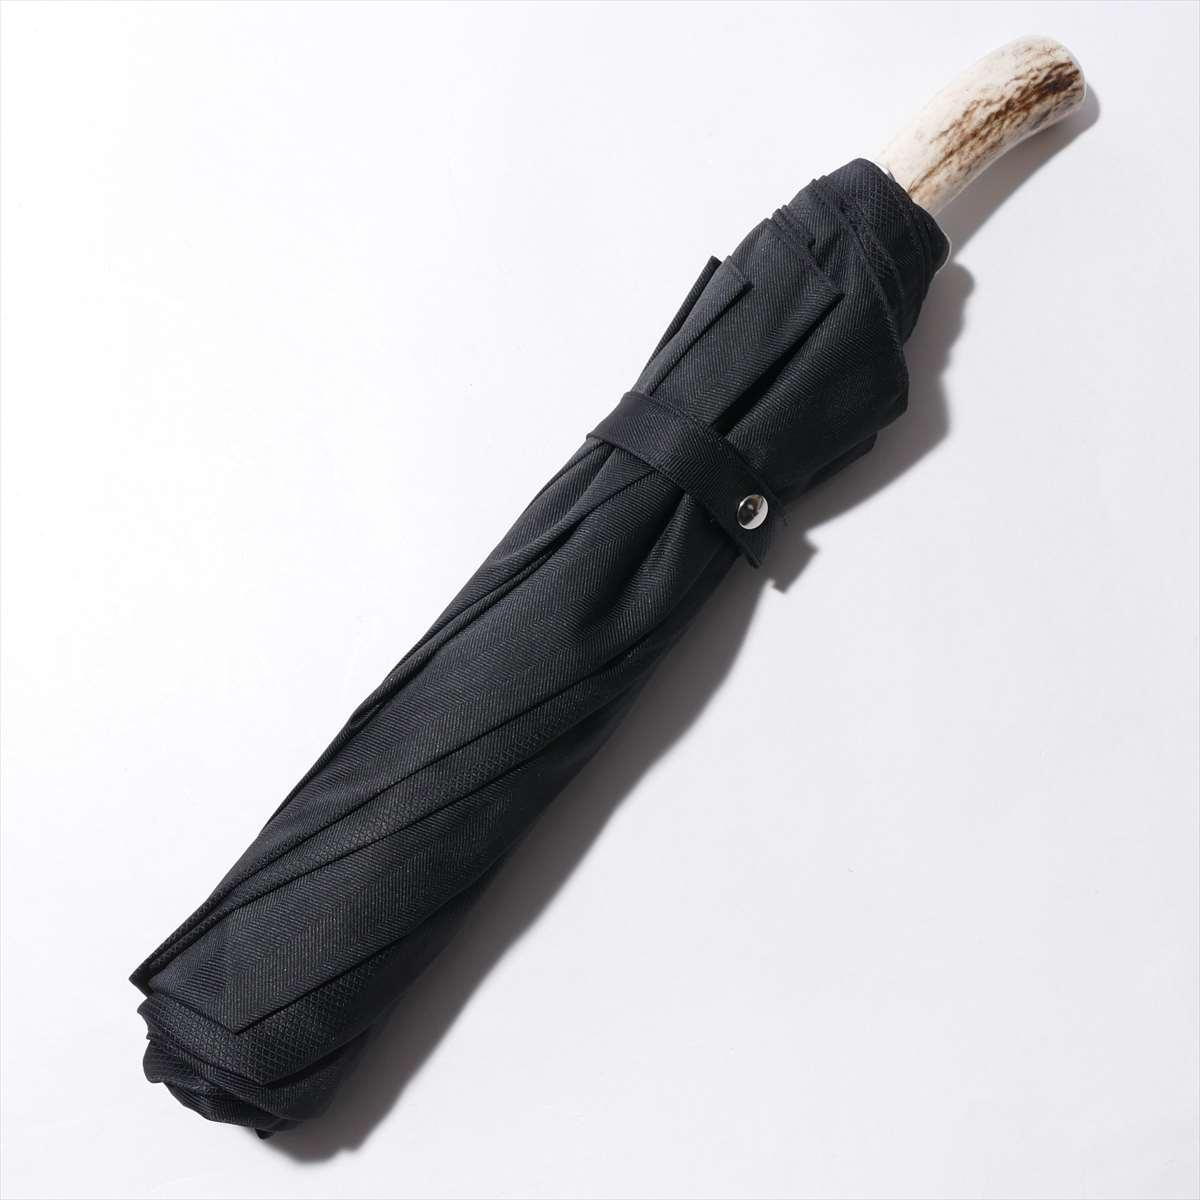 マリアフランチェスコイタリア製 折りたたみ紳士傘 メンズMaglia Francesco ブランド ギフト【P10】